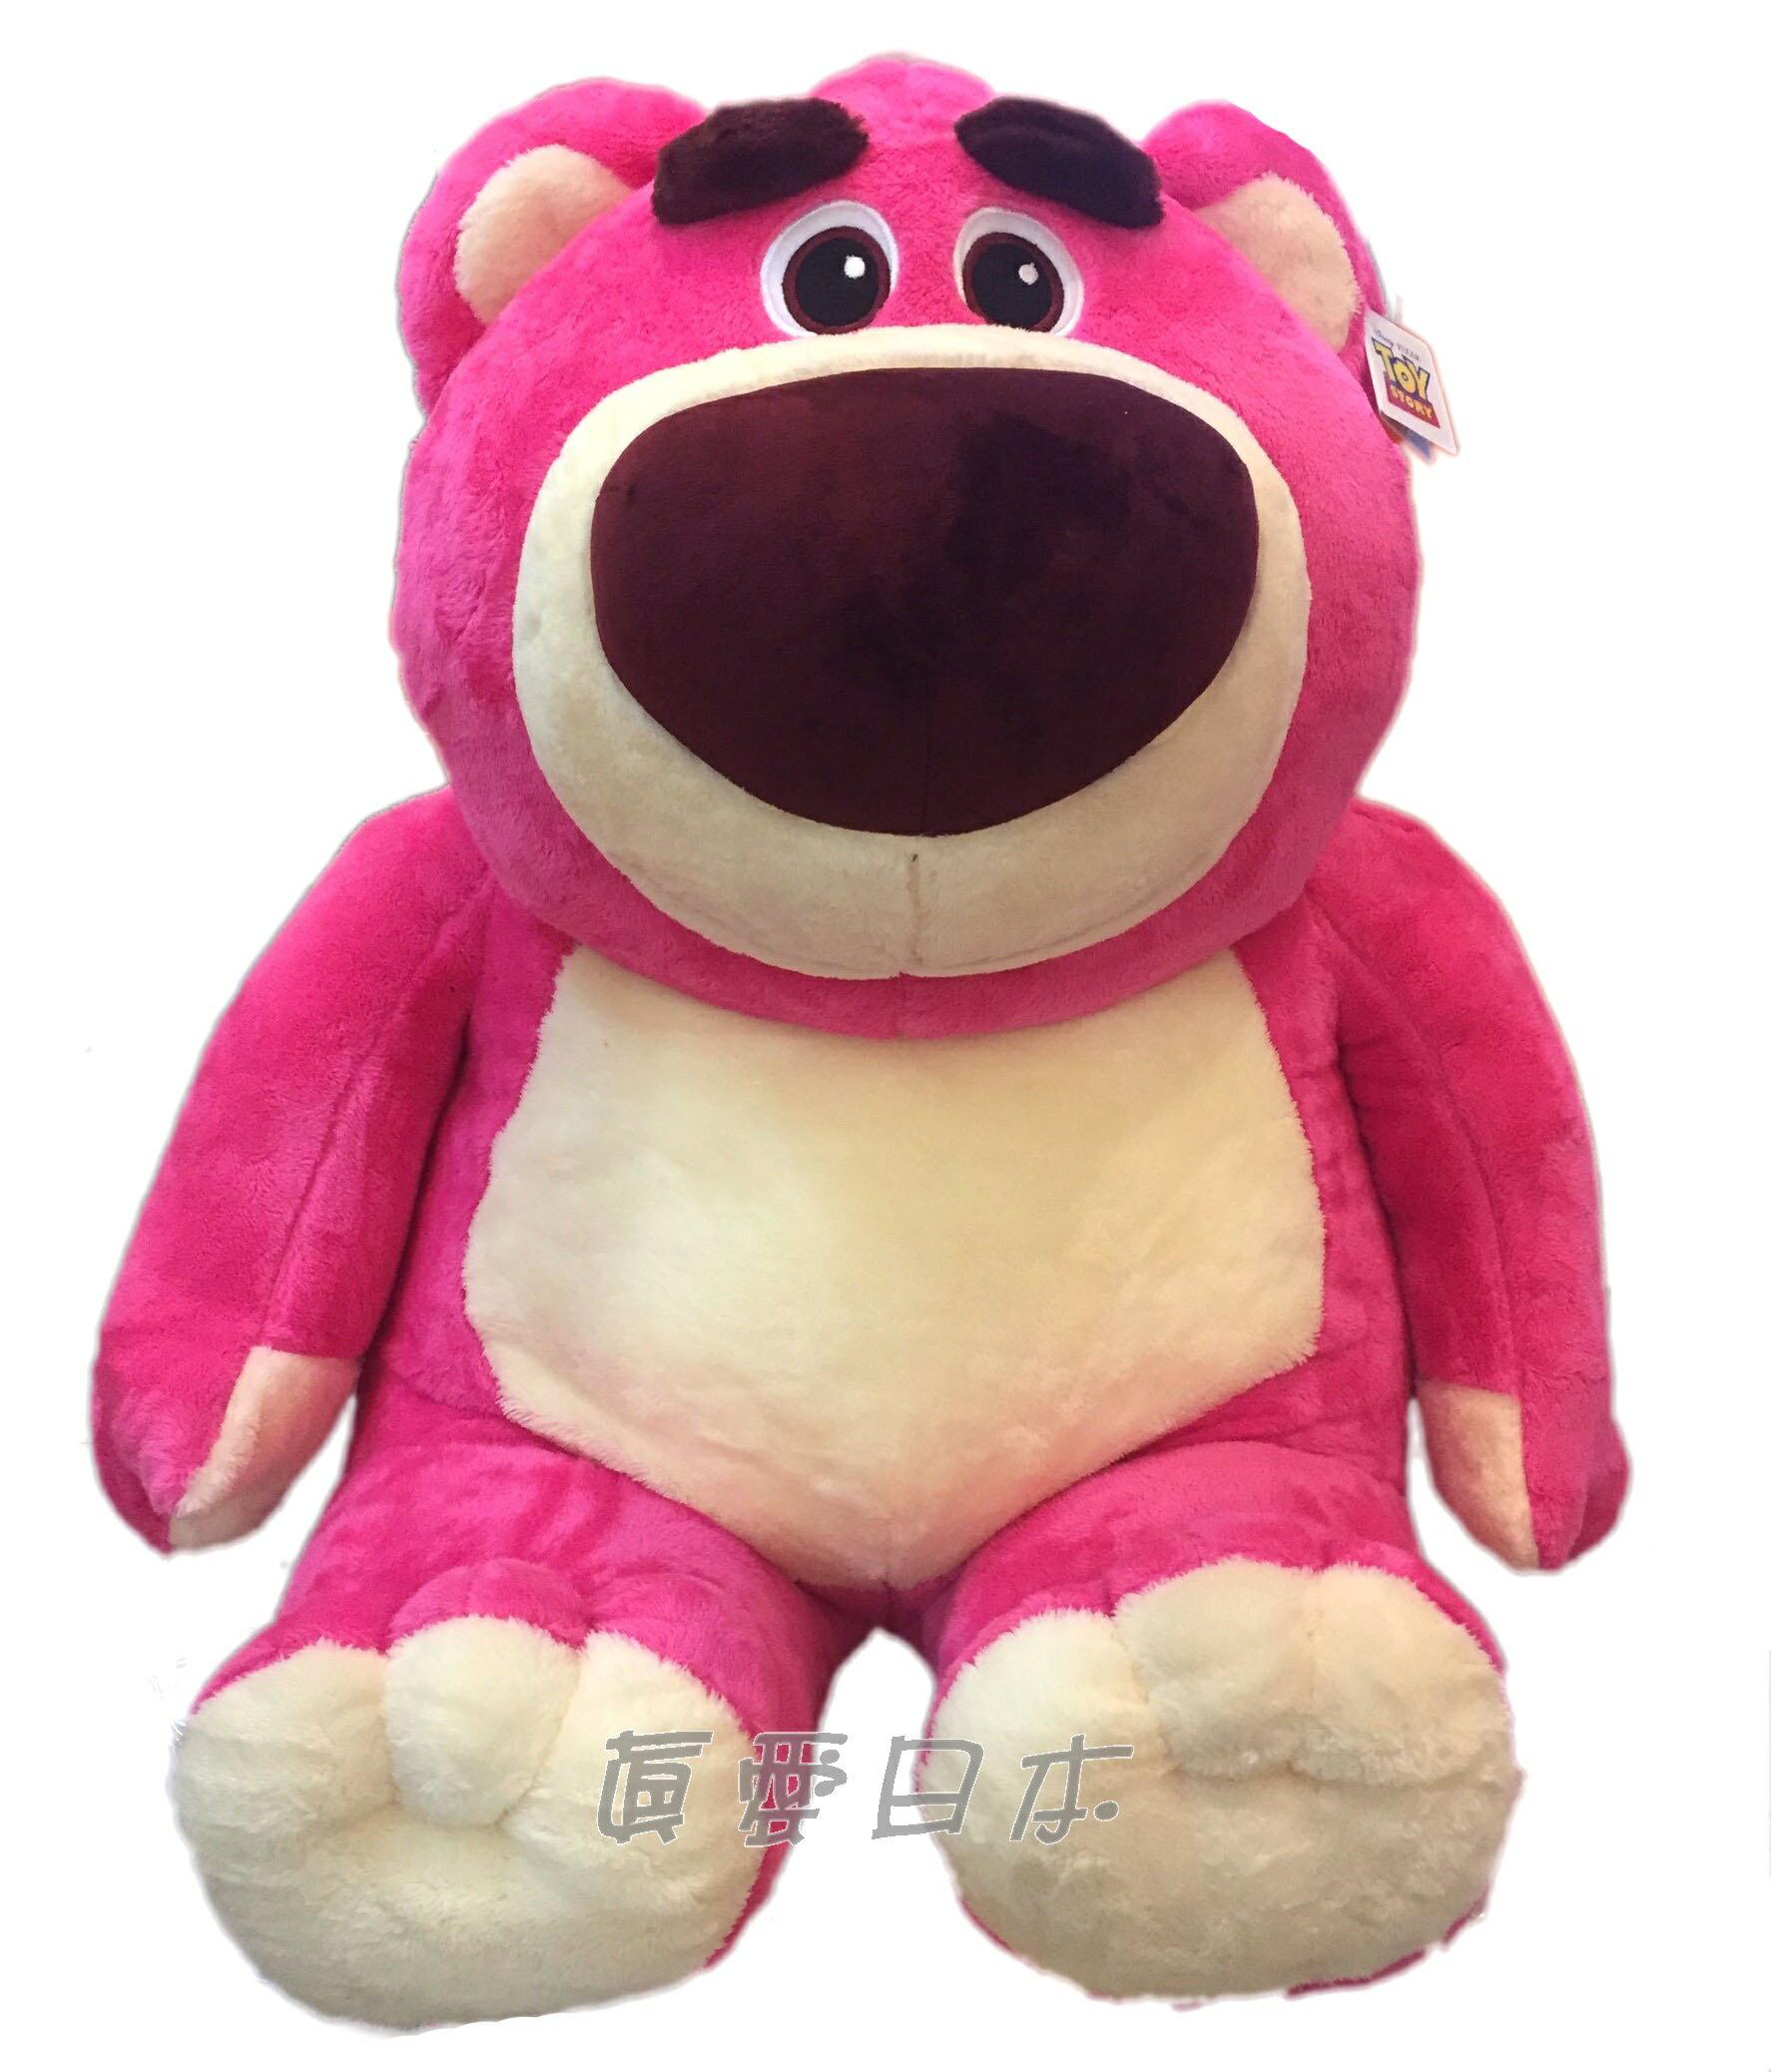 【真愛日本】16062700020超大35吋坐娃-熊抱哥  玩具總動員 娃娃 抱枕 靠枕 公仔